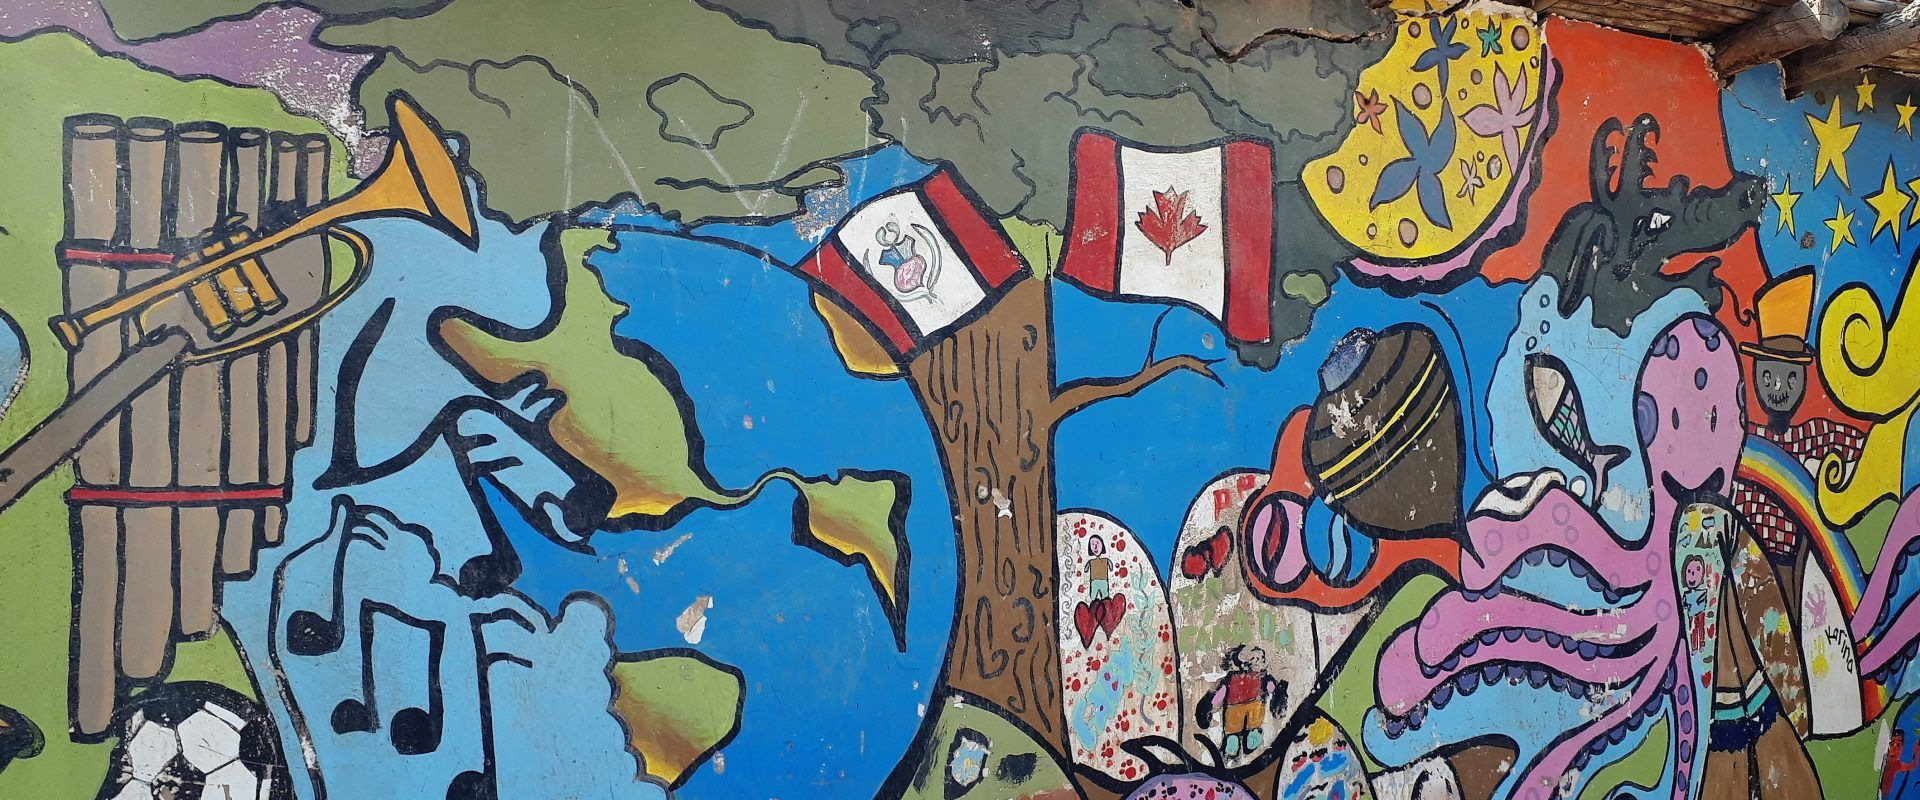 canada-peru mural